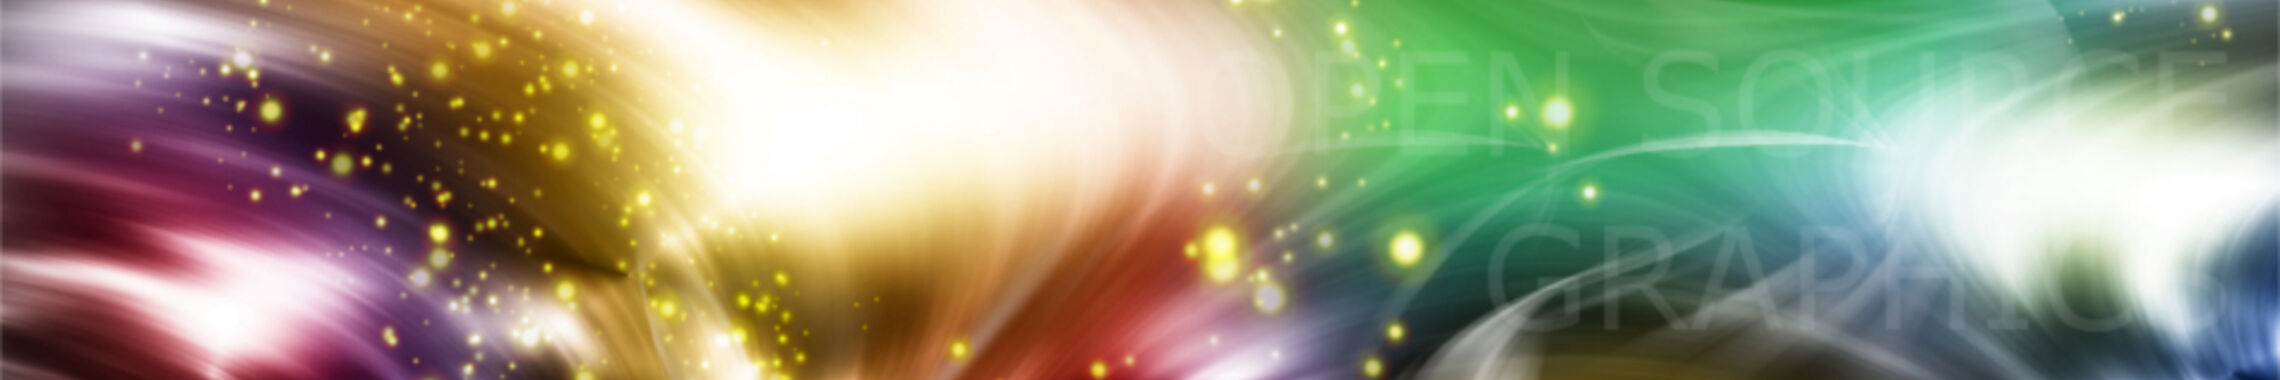 Kopfgrafik Lichtpartikel Strom 2